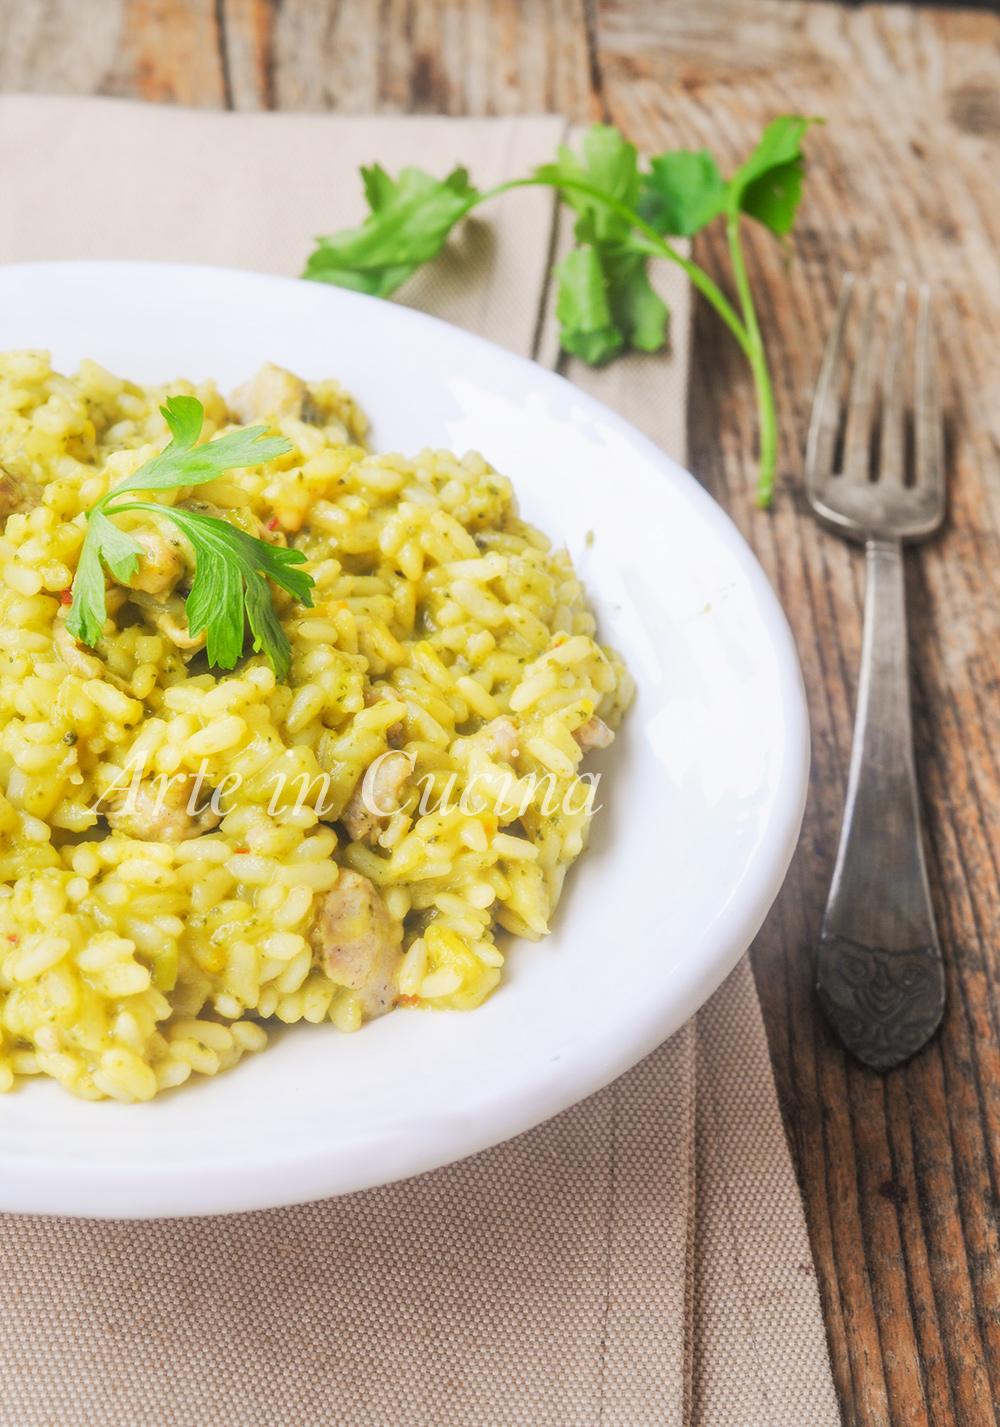 Risotto con broccoli e salsiccia cremoso ricetta facile vickyart arte in cucina